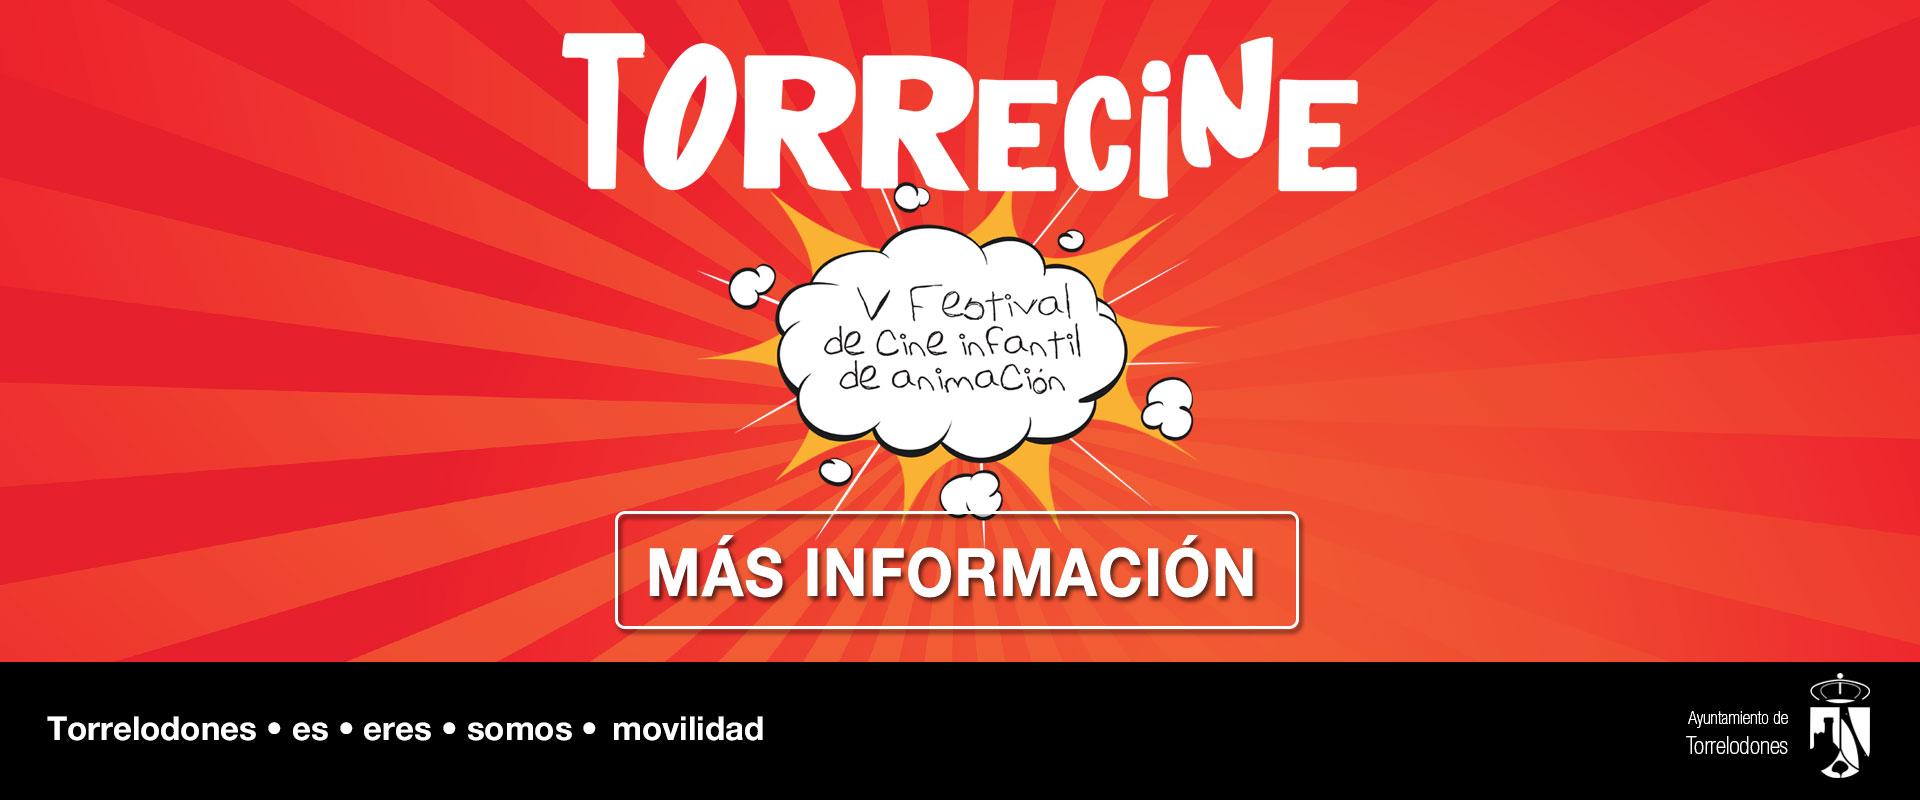 slider-torrecine